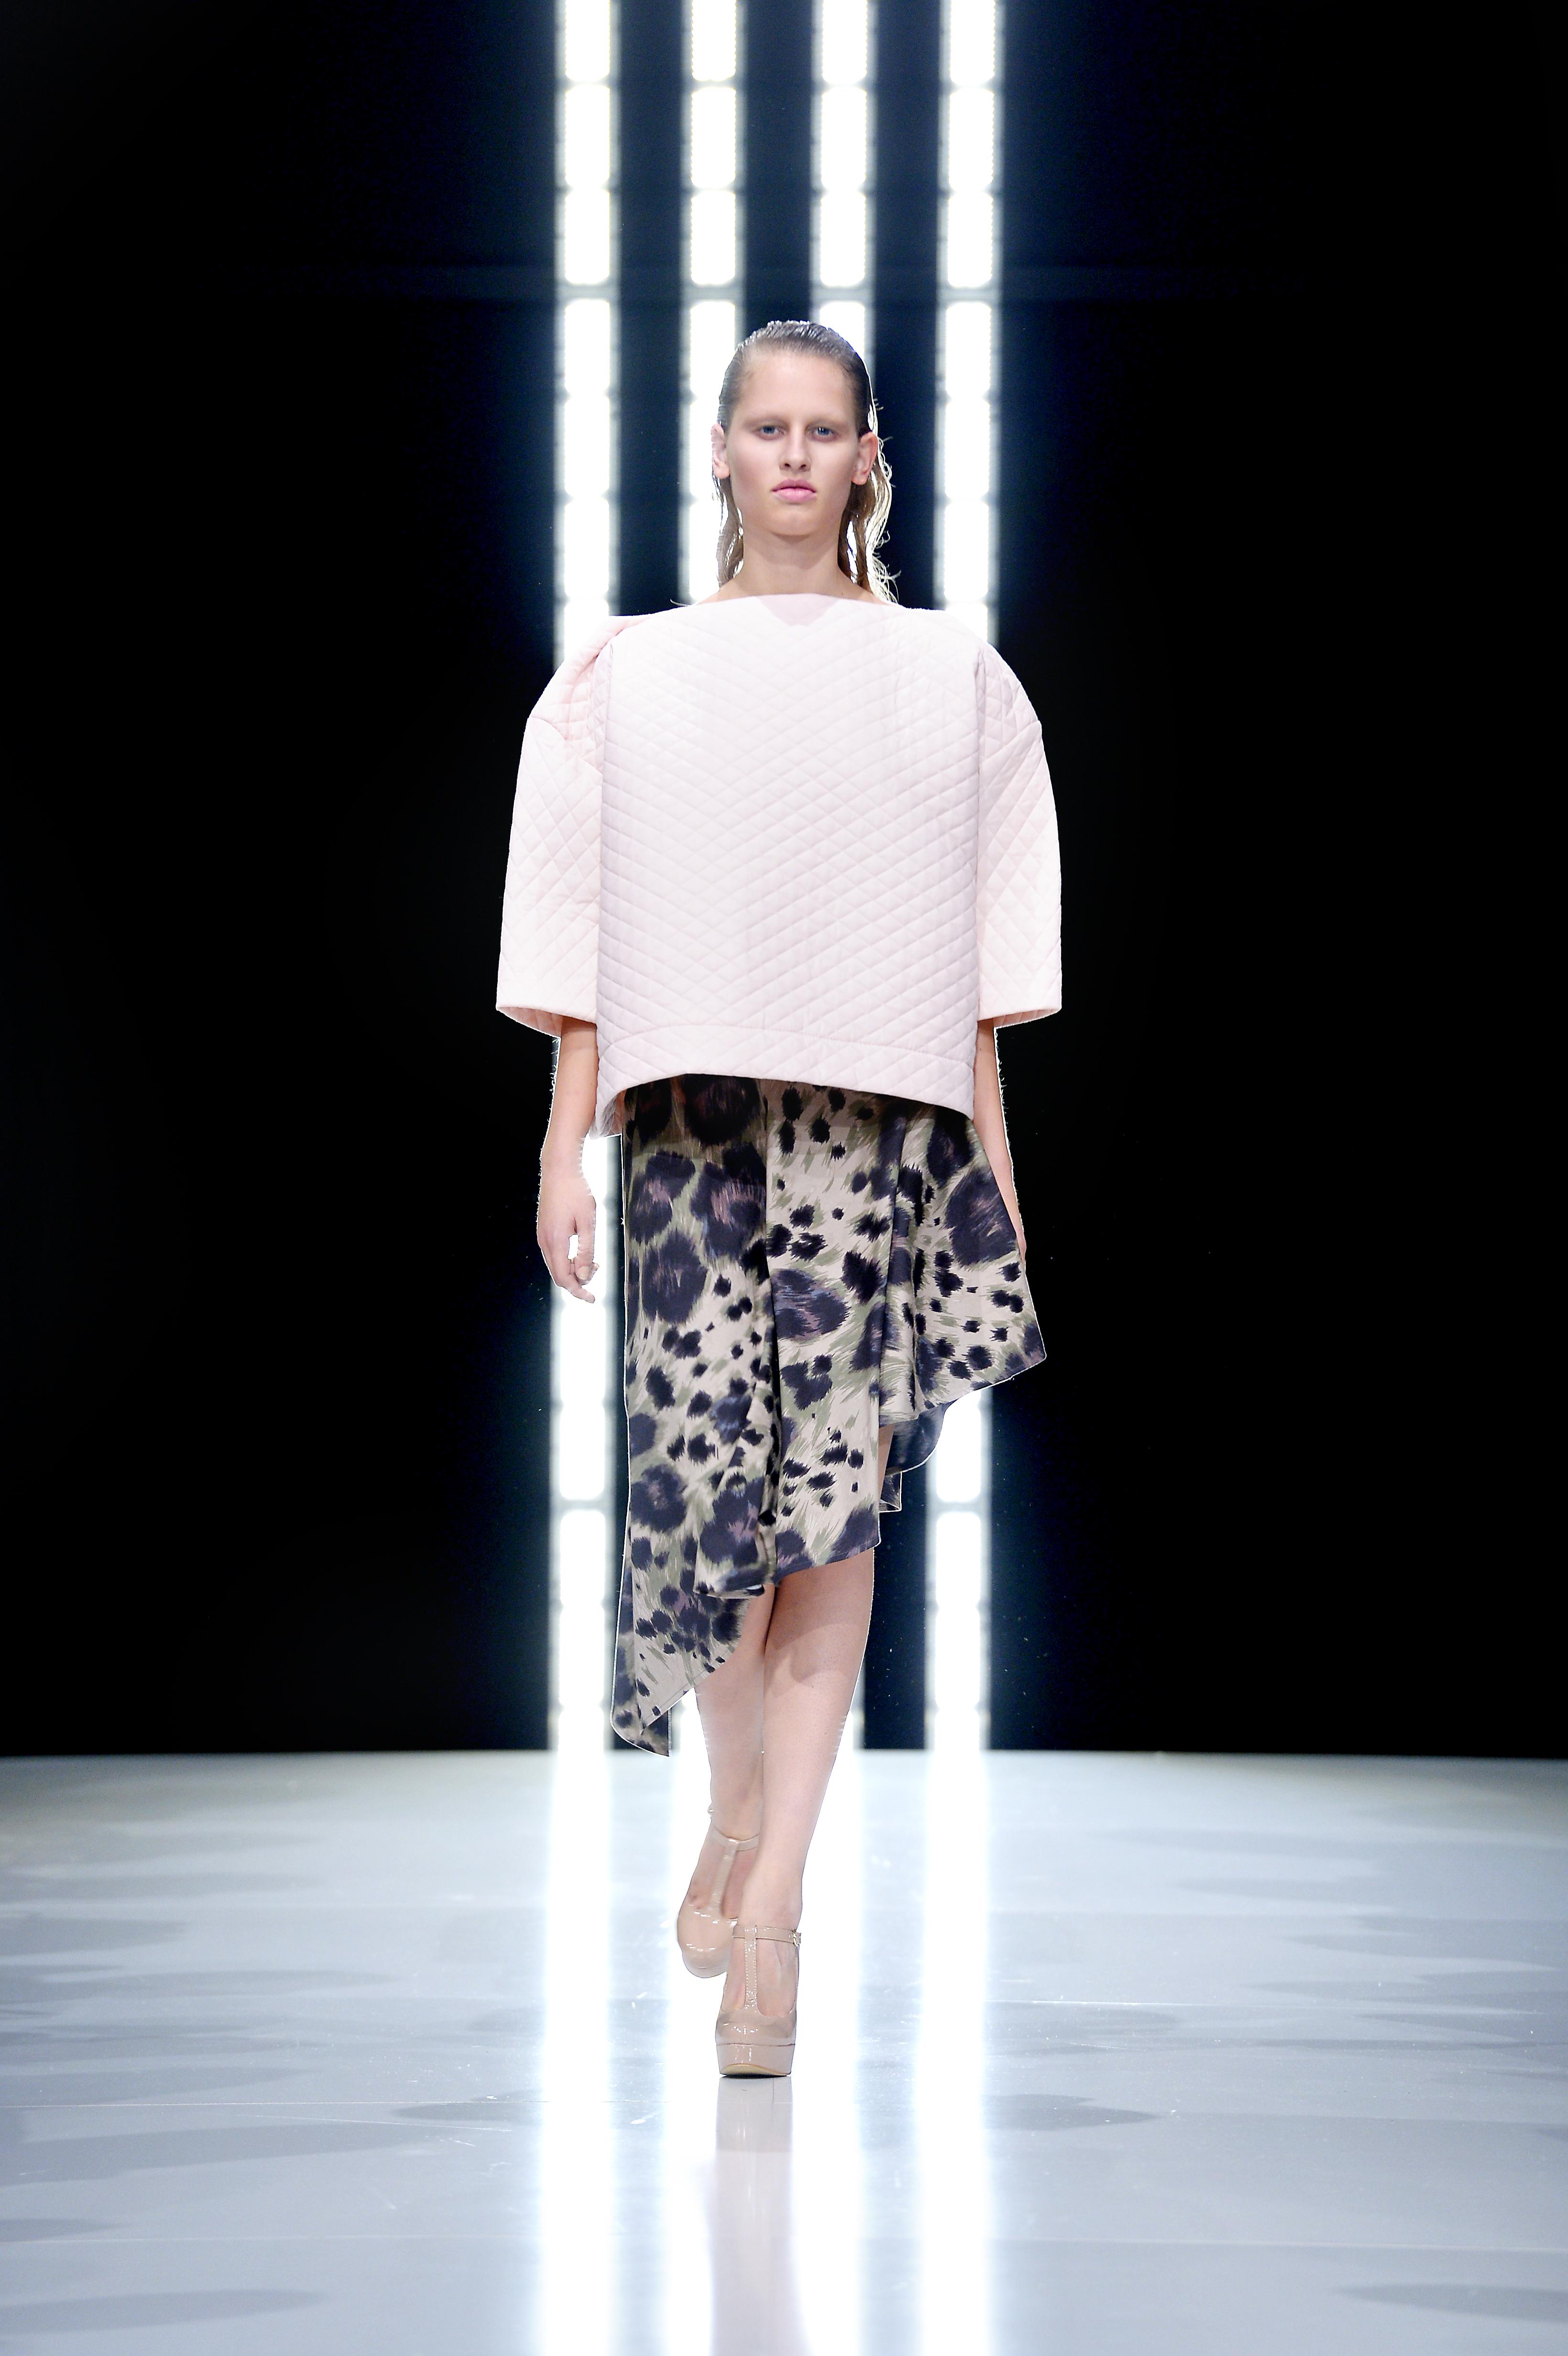 How Do Fashion Designers Get Their Clothes Made